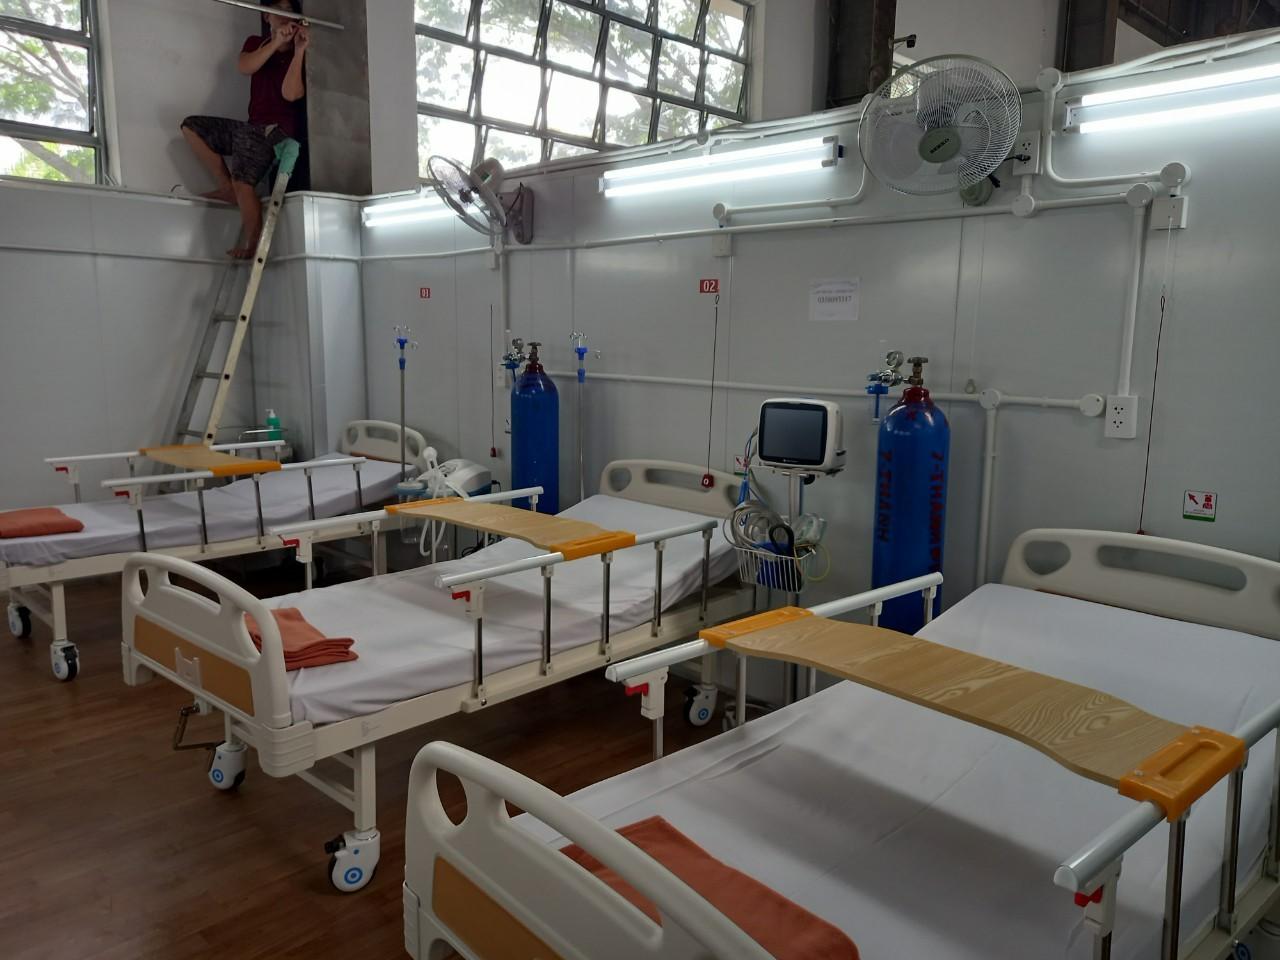 Hệ thống oxy cung cấp cho bệnh nhân tại BV dã chiến số 16. Ảnh: Hà Văn Đạo.